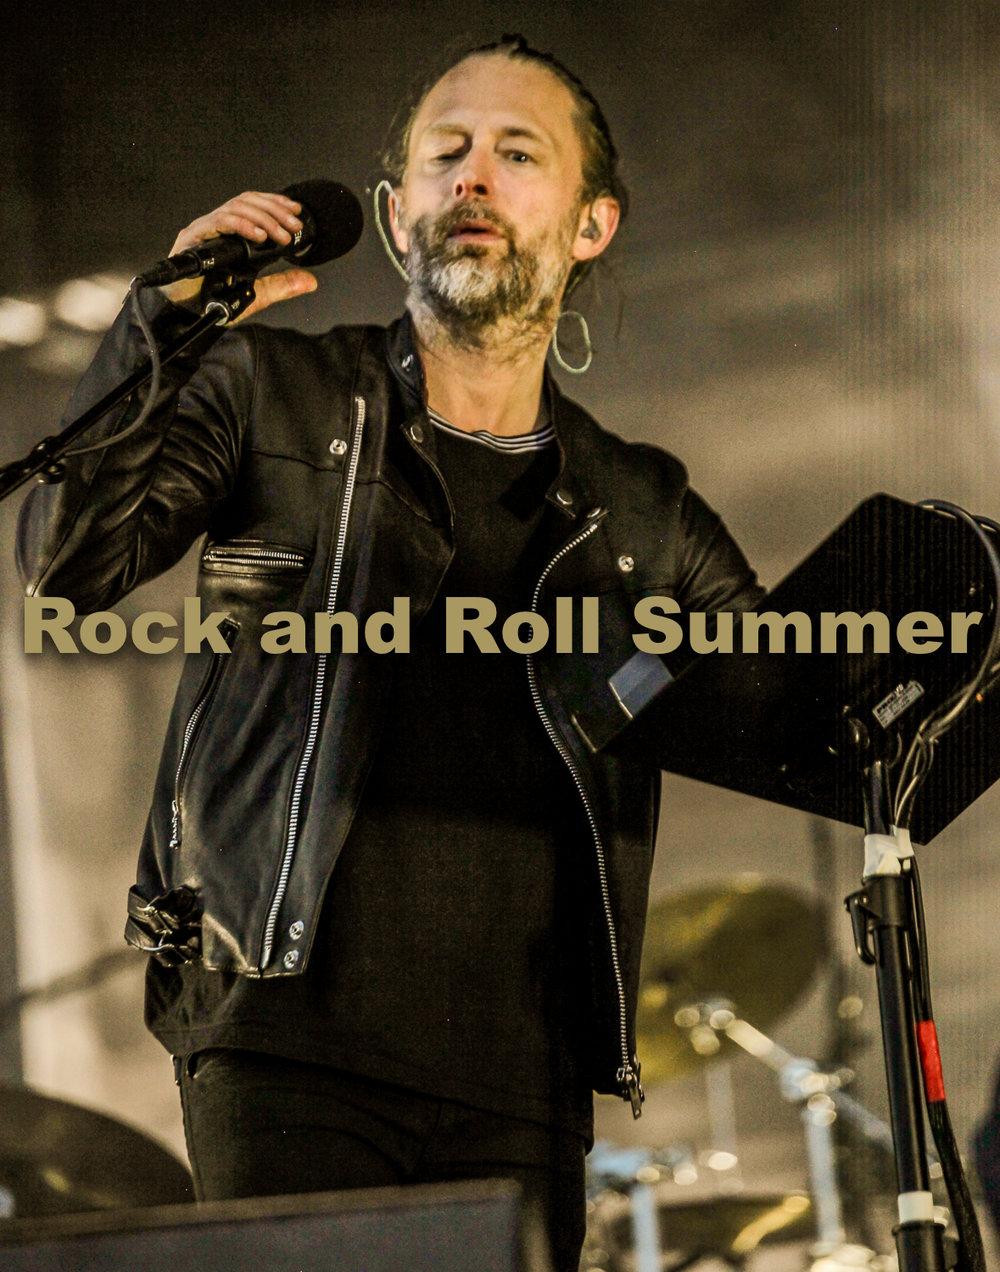 """Radiohead, Chicago, IL, 2016 - Curt Baran  11""""x14"""" $200.00 framed / $150.00 unframed"""